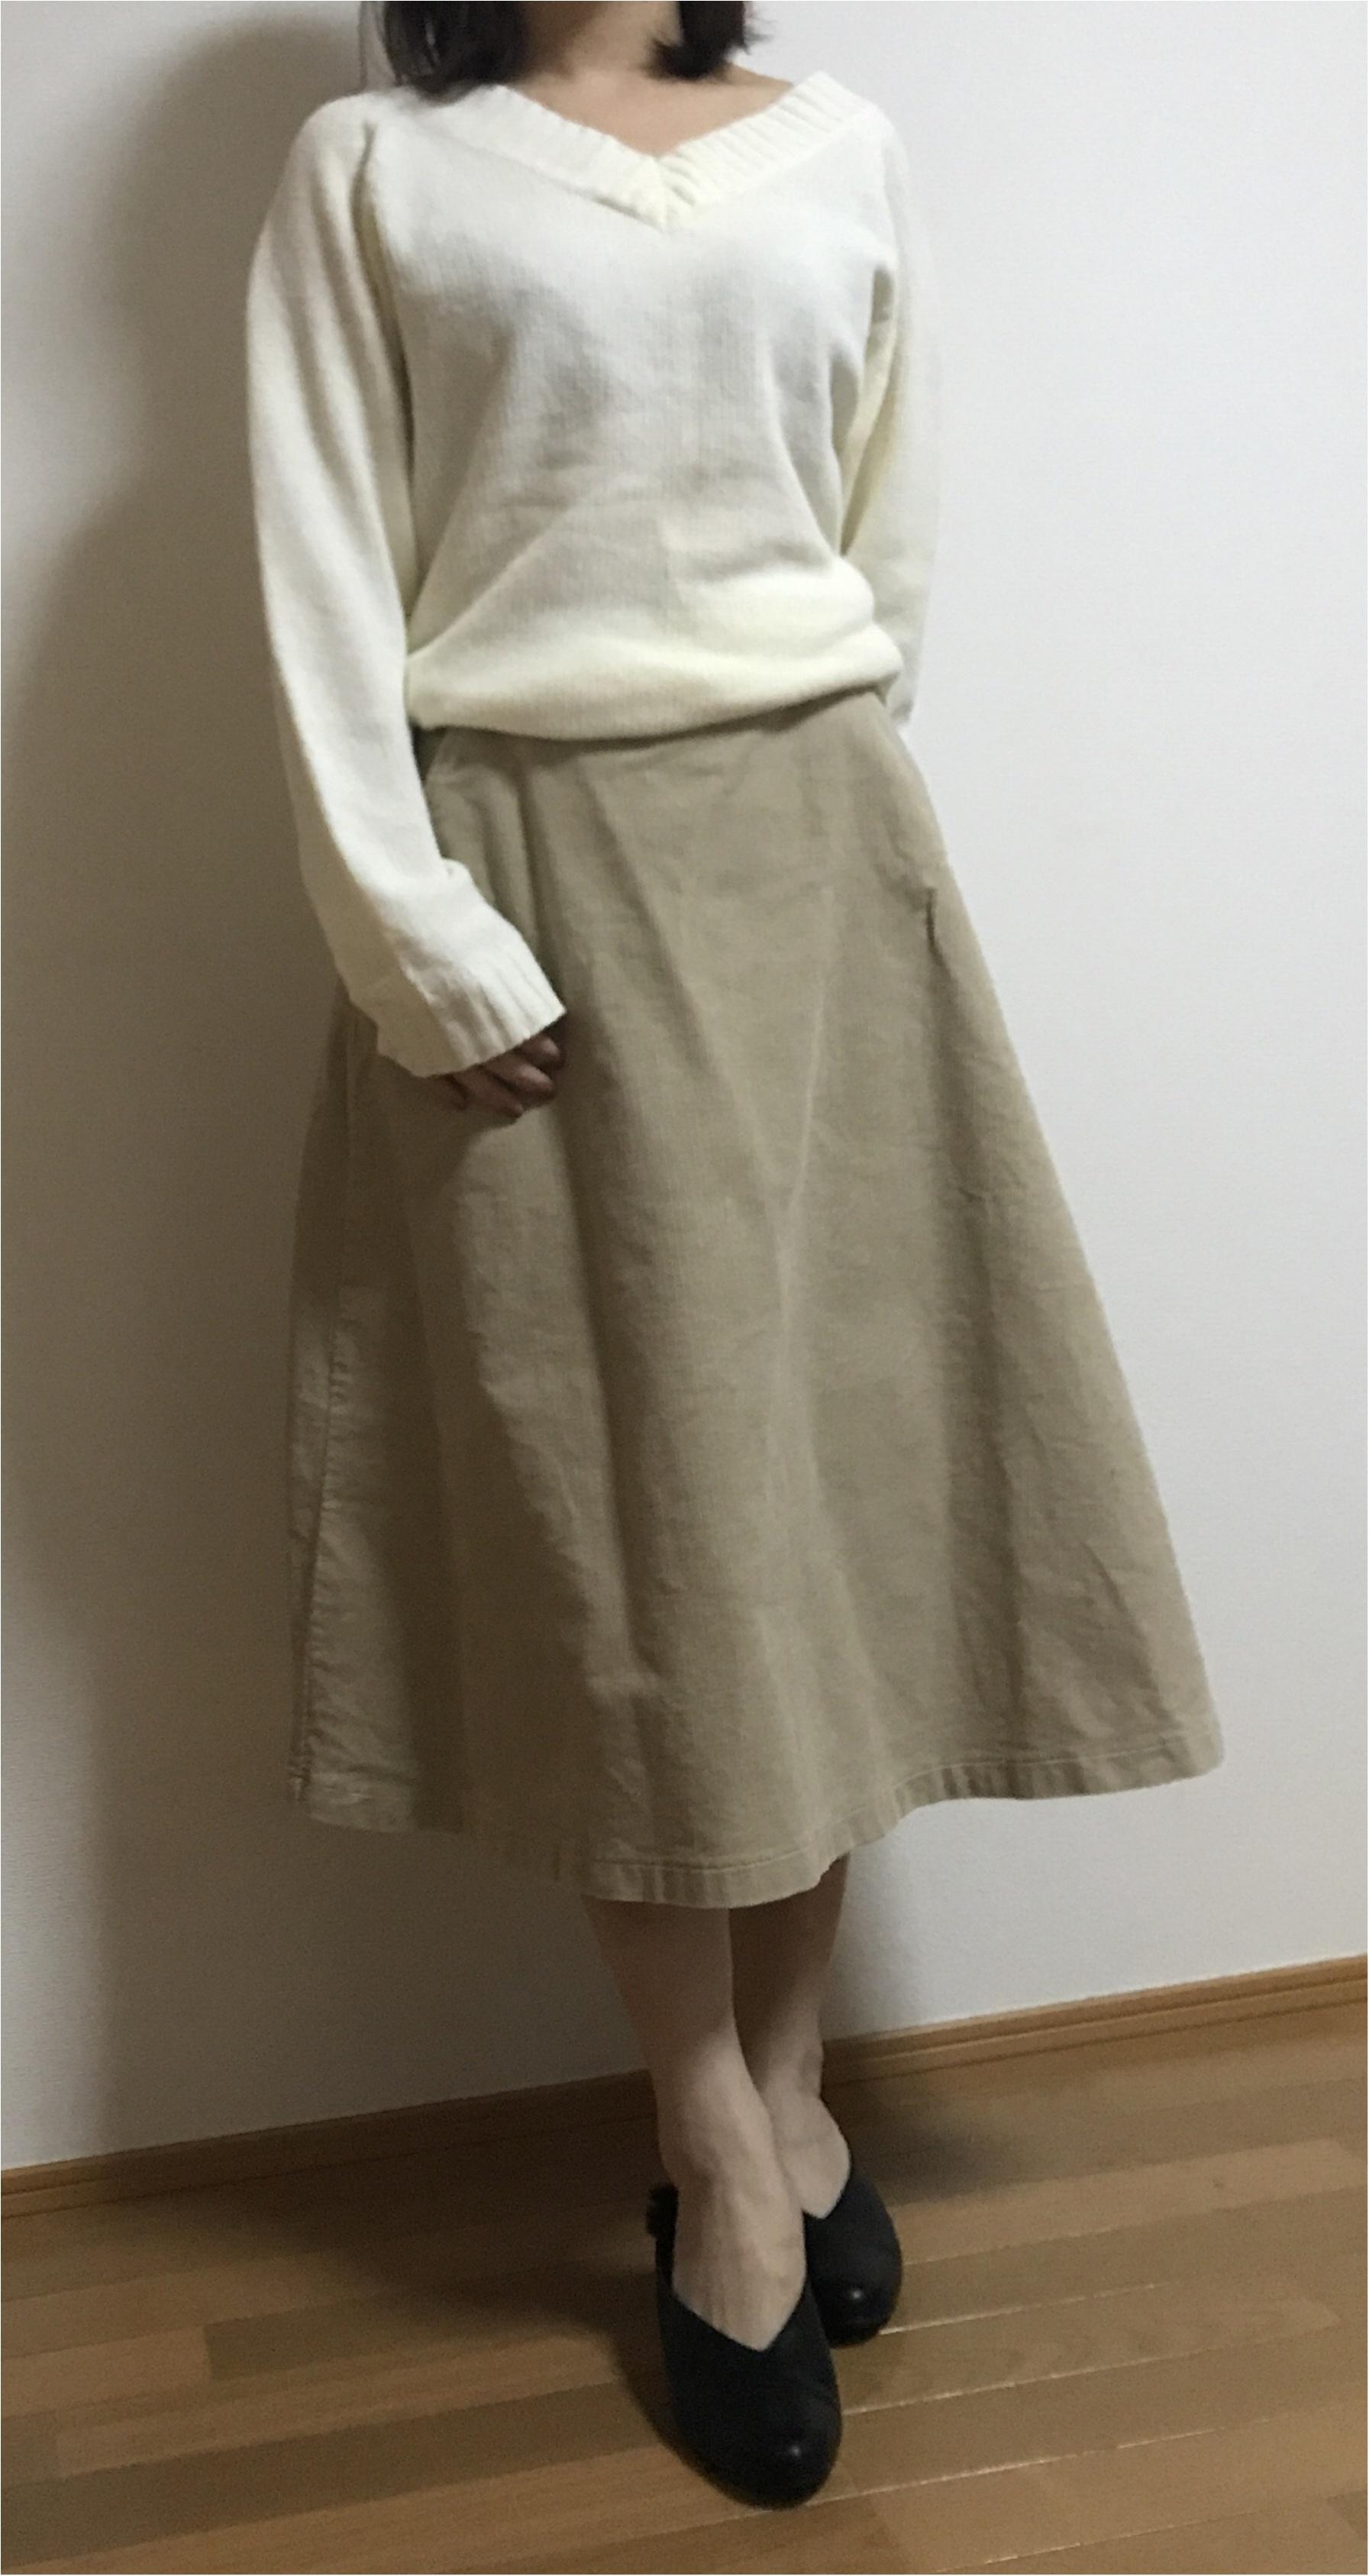 【ユニクロ】買ってよかった!まだまだ使える冬アイテム♡♡《コーデュロイスカート×ニット》の最強コーデを組んでみました❤︎_2